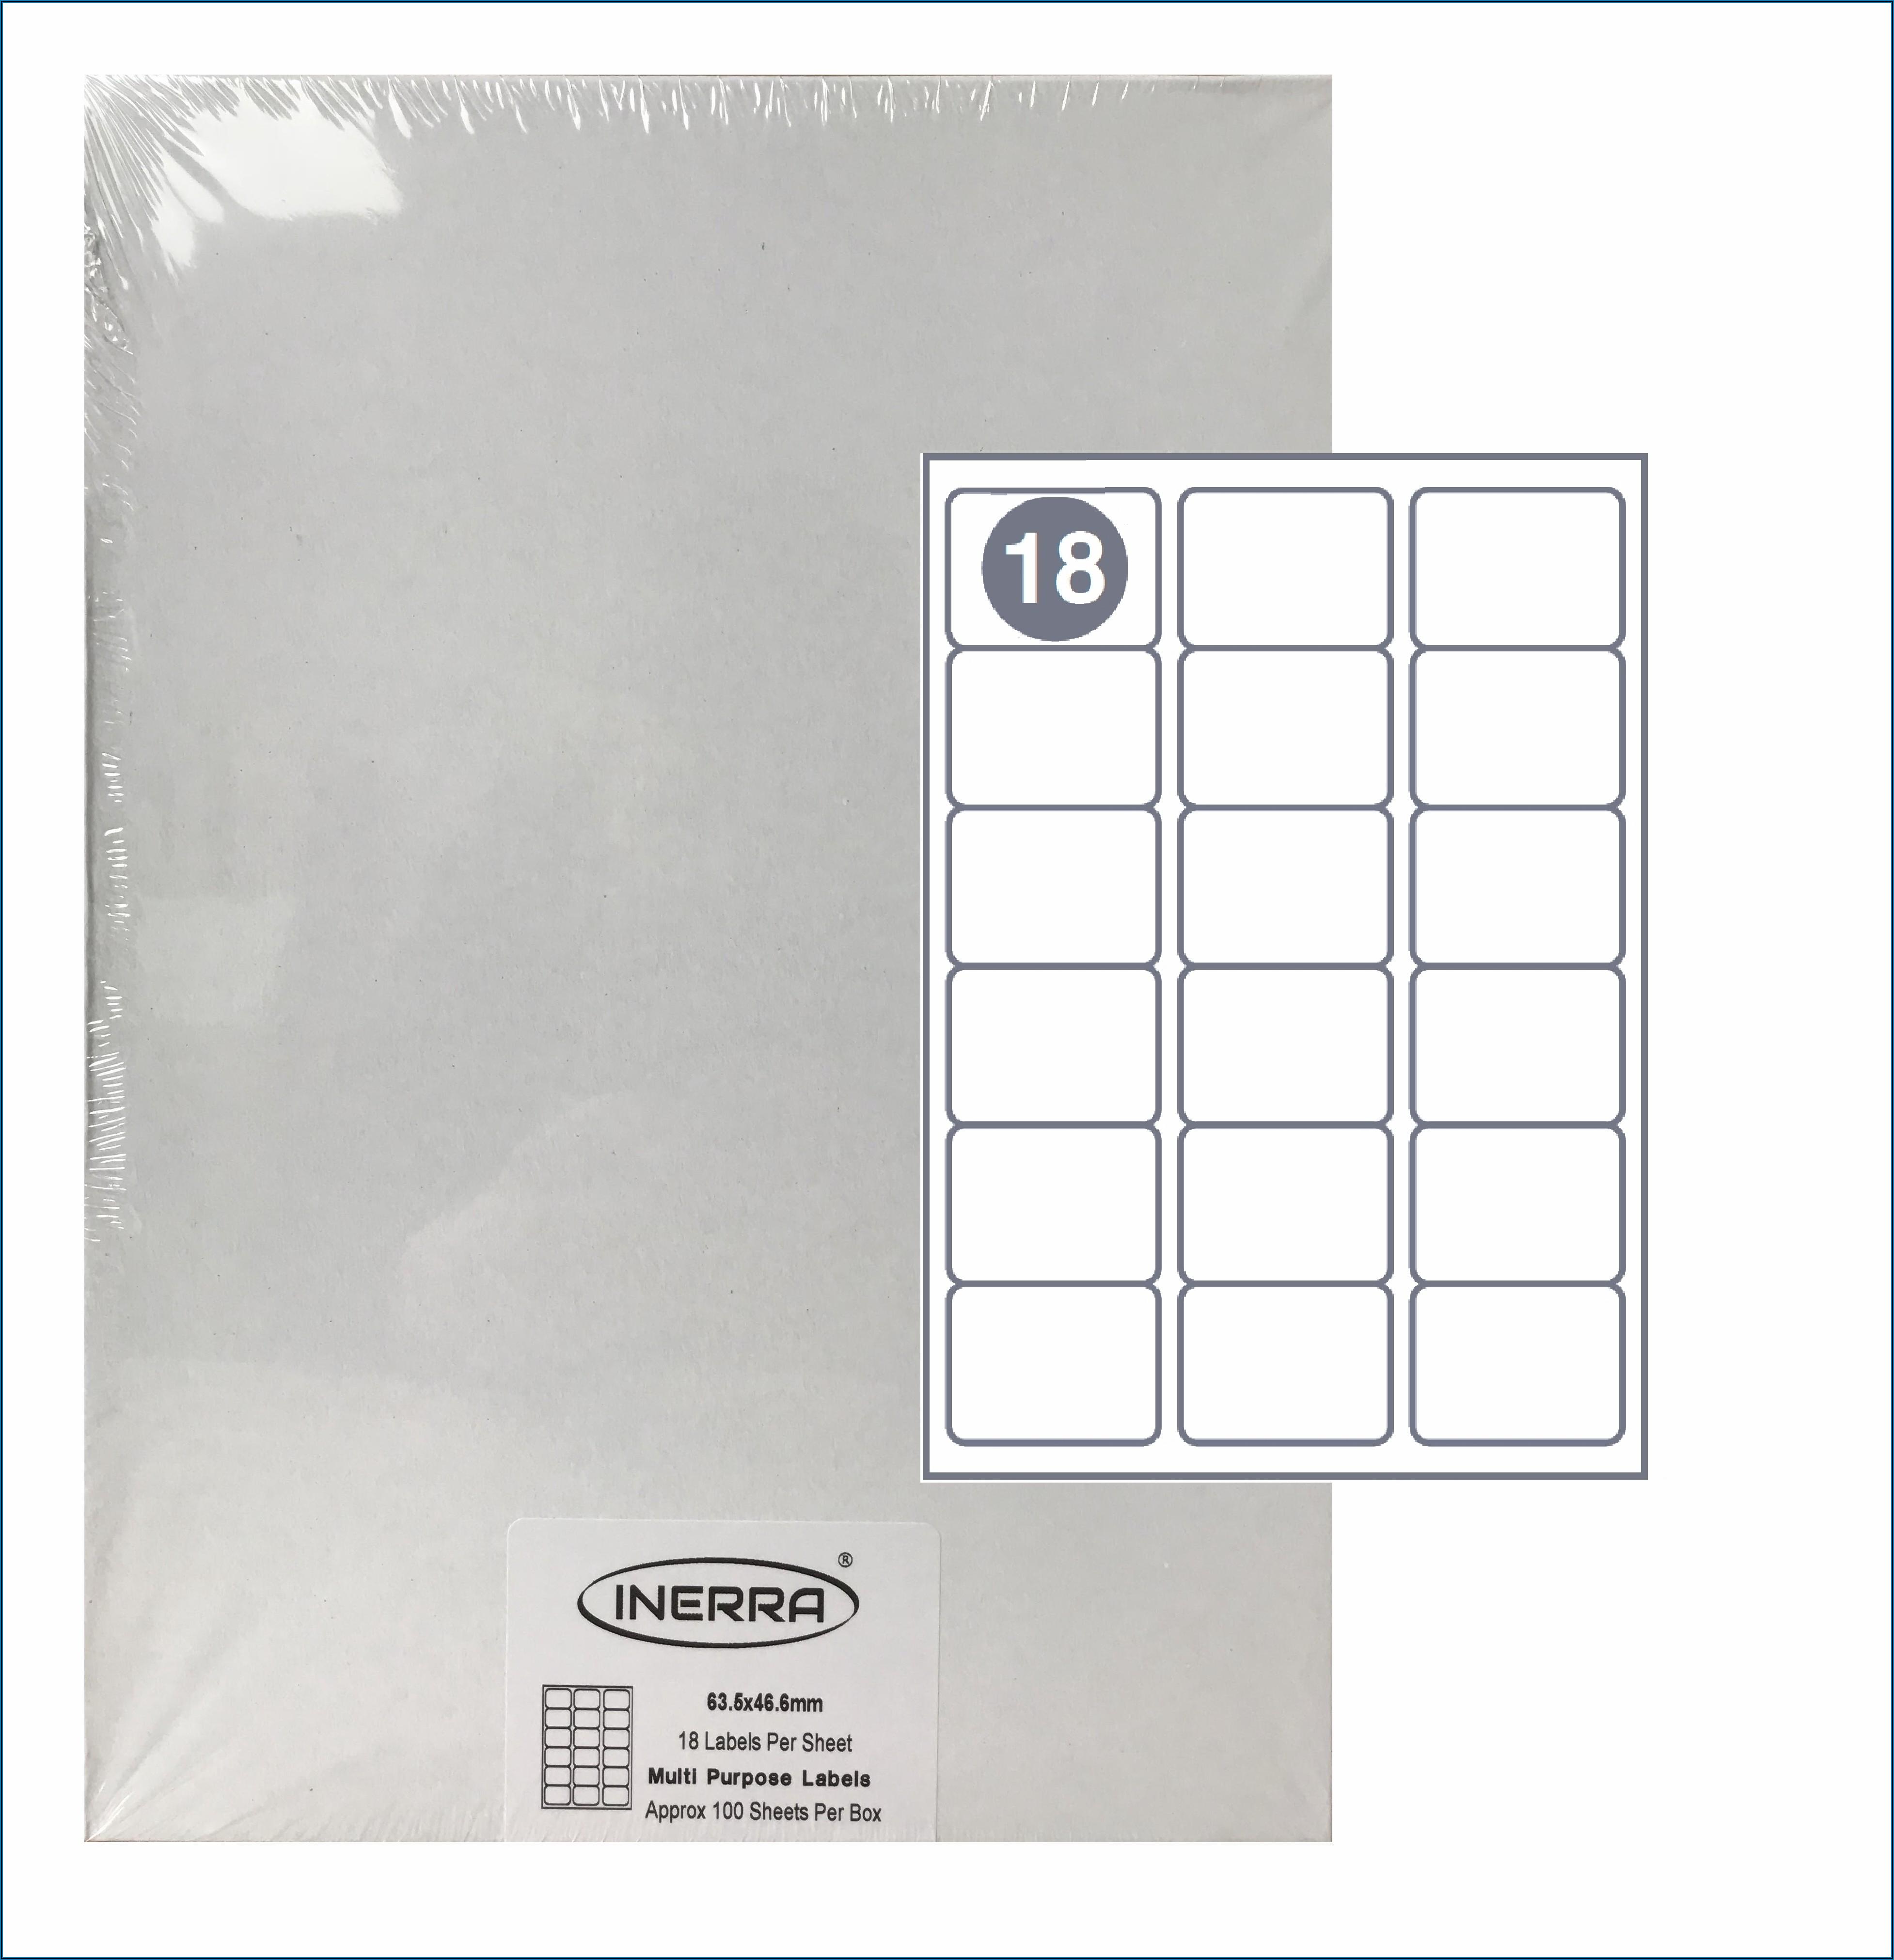 18 Labels Per A4 Sheet Template